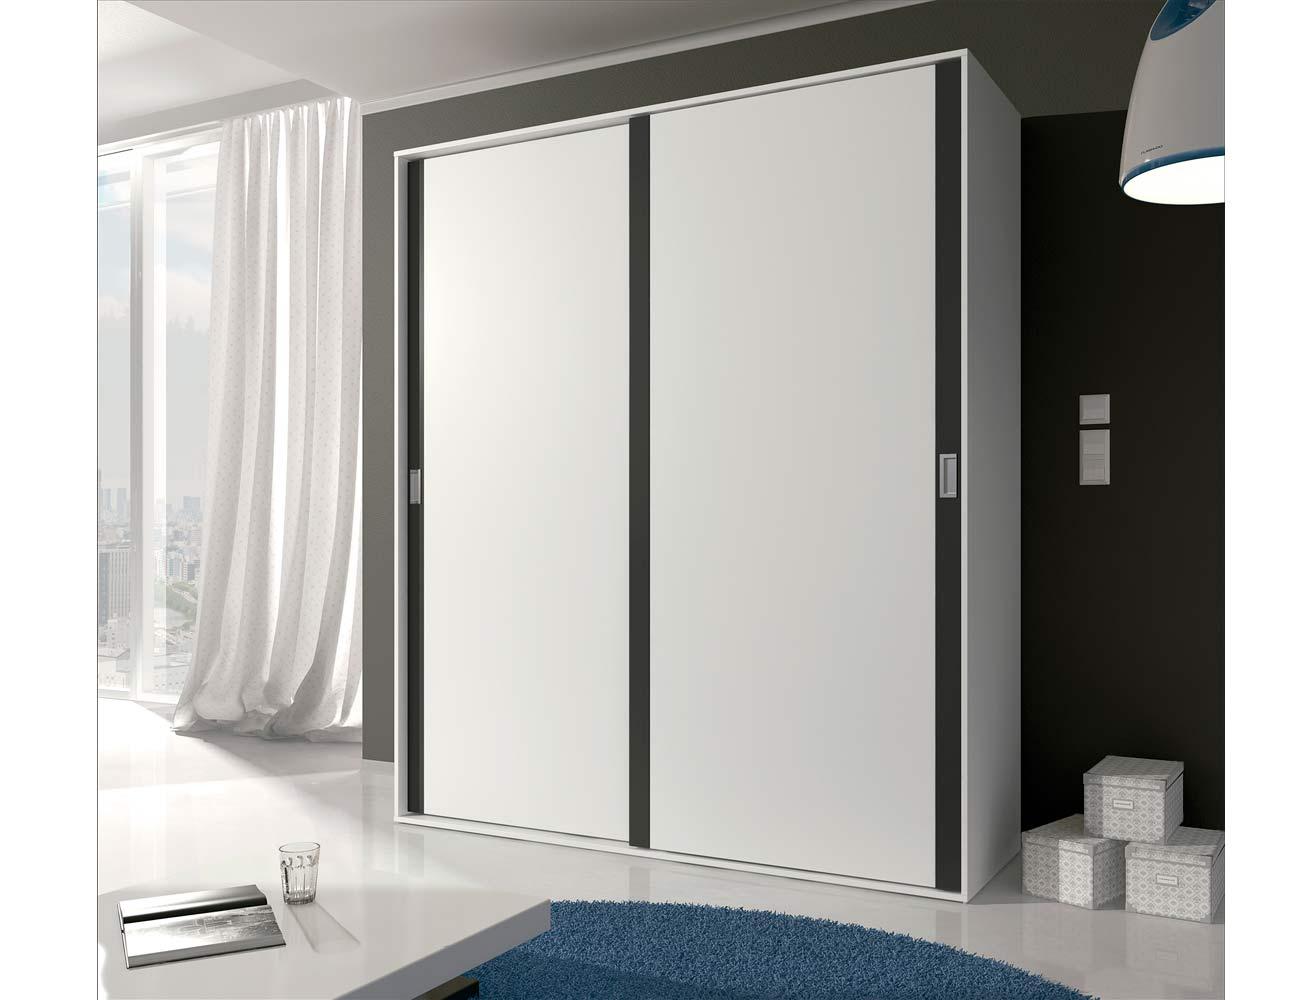 Armario de 2 puertas correderas estilo moderno en blanco con grafito 6302 factory del mueble - Kit puertas correderas armarios ...